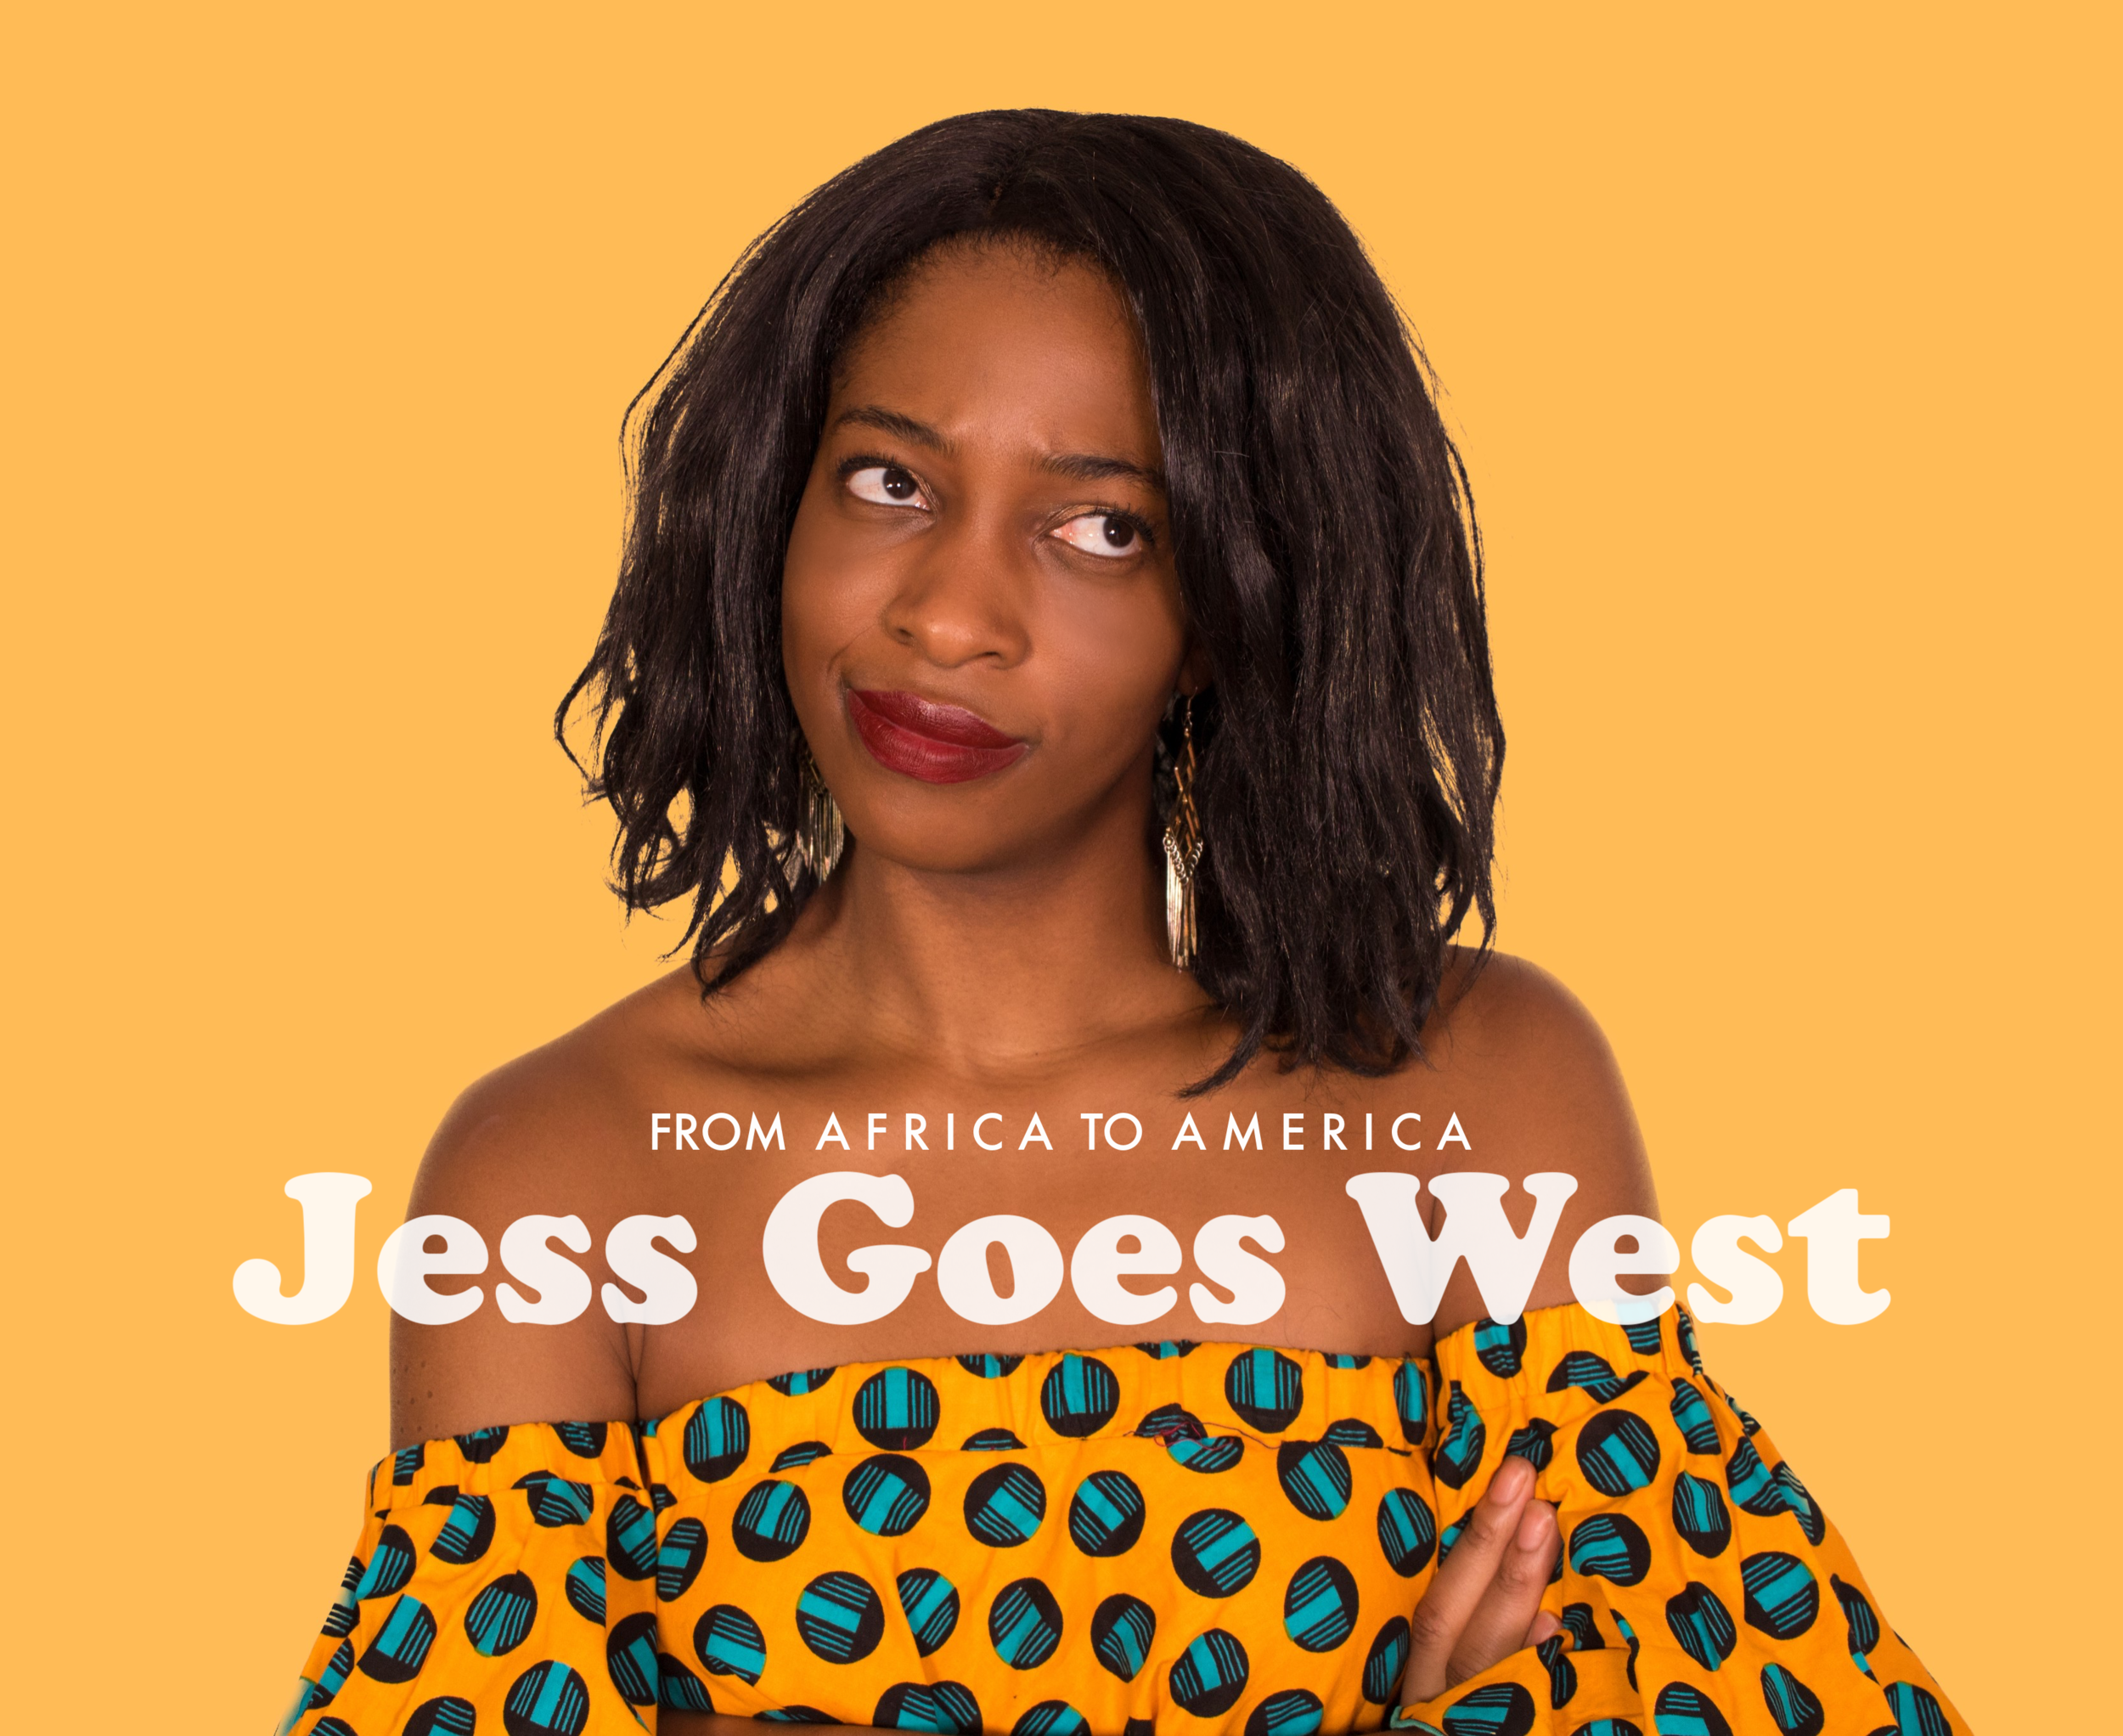 Jess Goes West